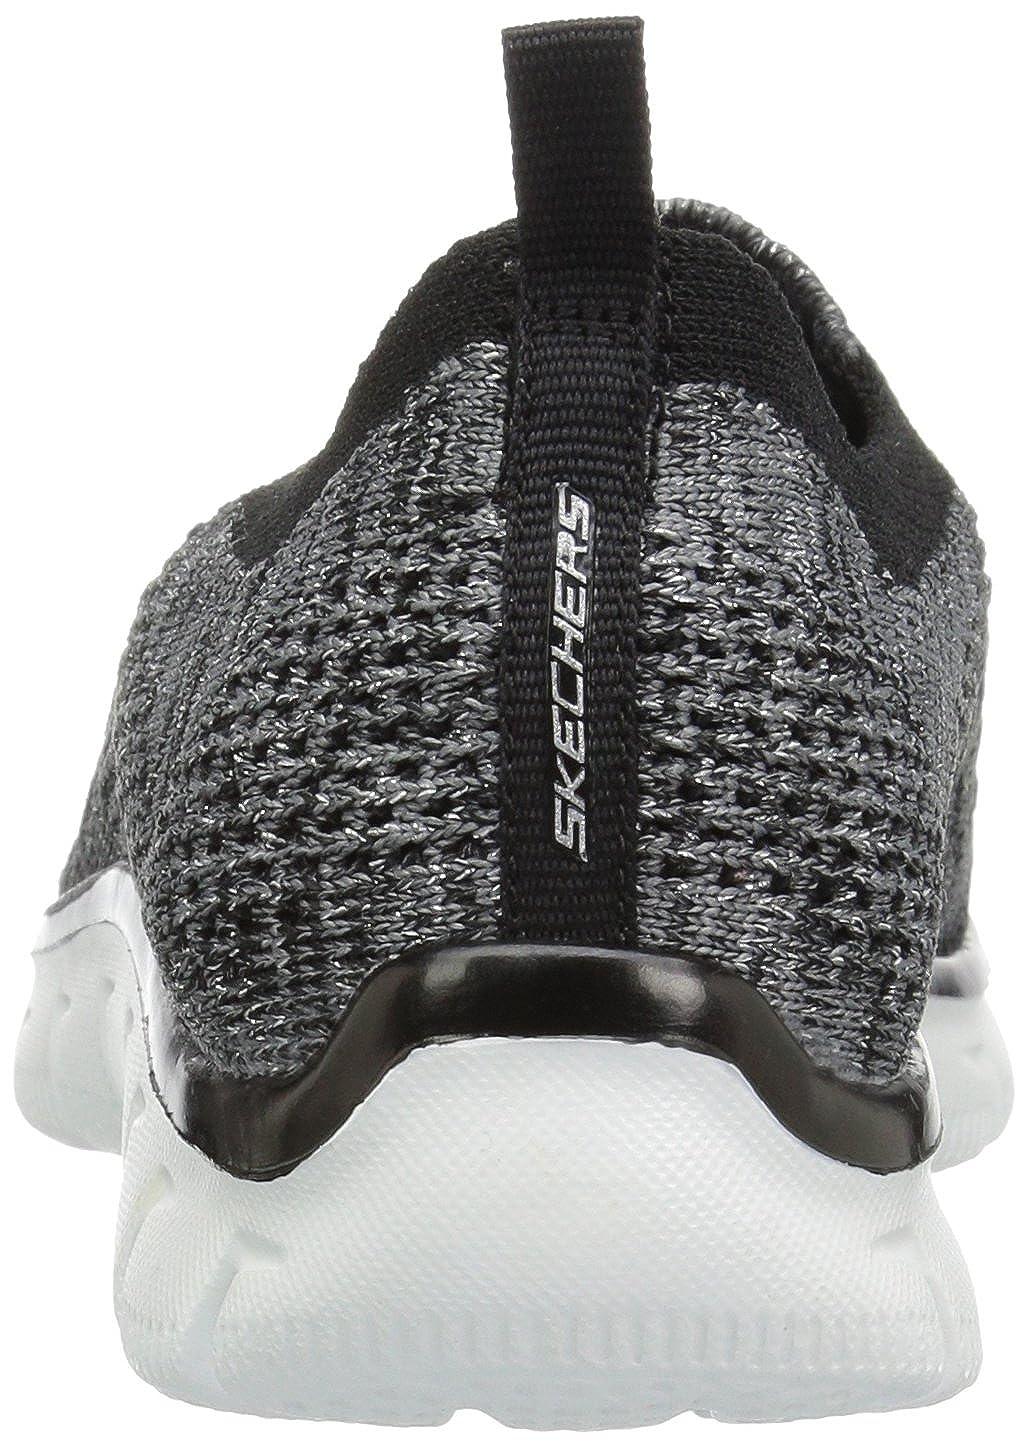 Skechers Damen Empire - - - Inside Look Turnschuhe weiß schwarz  6bc9df